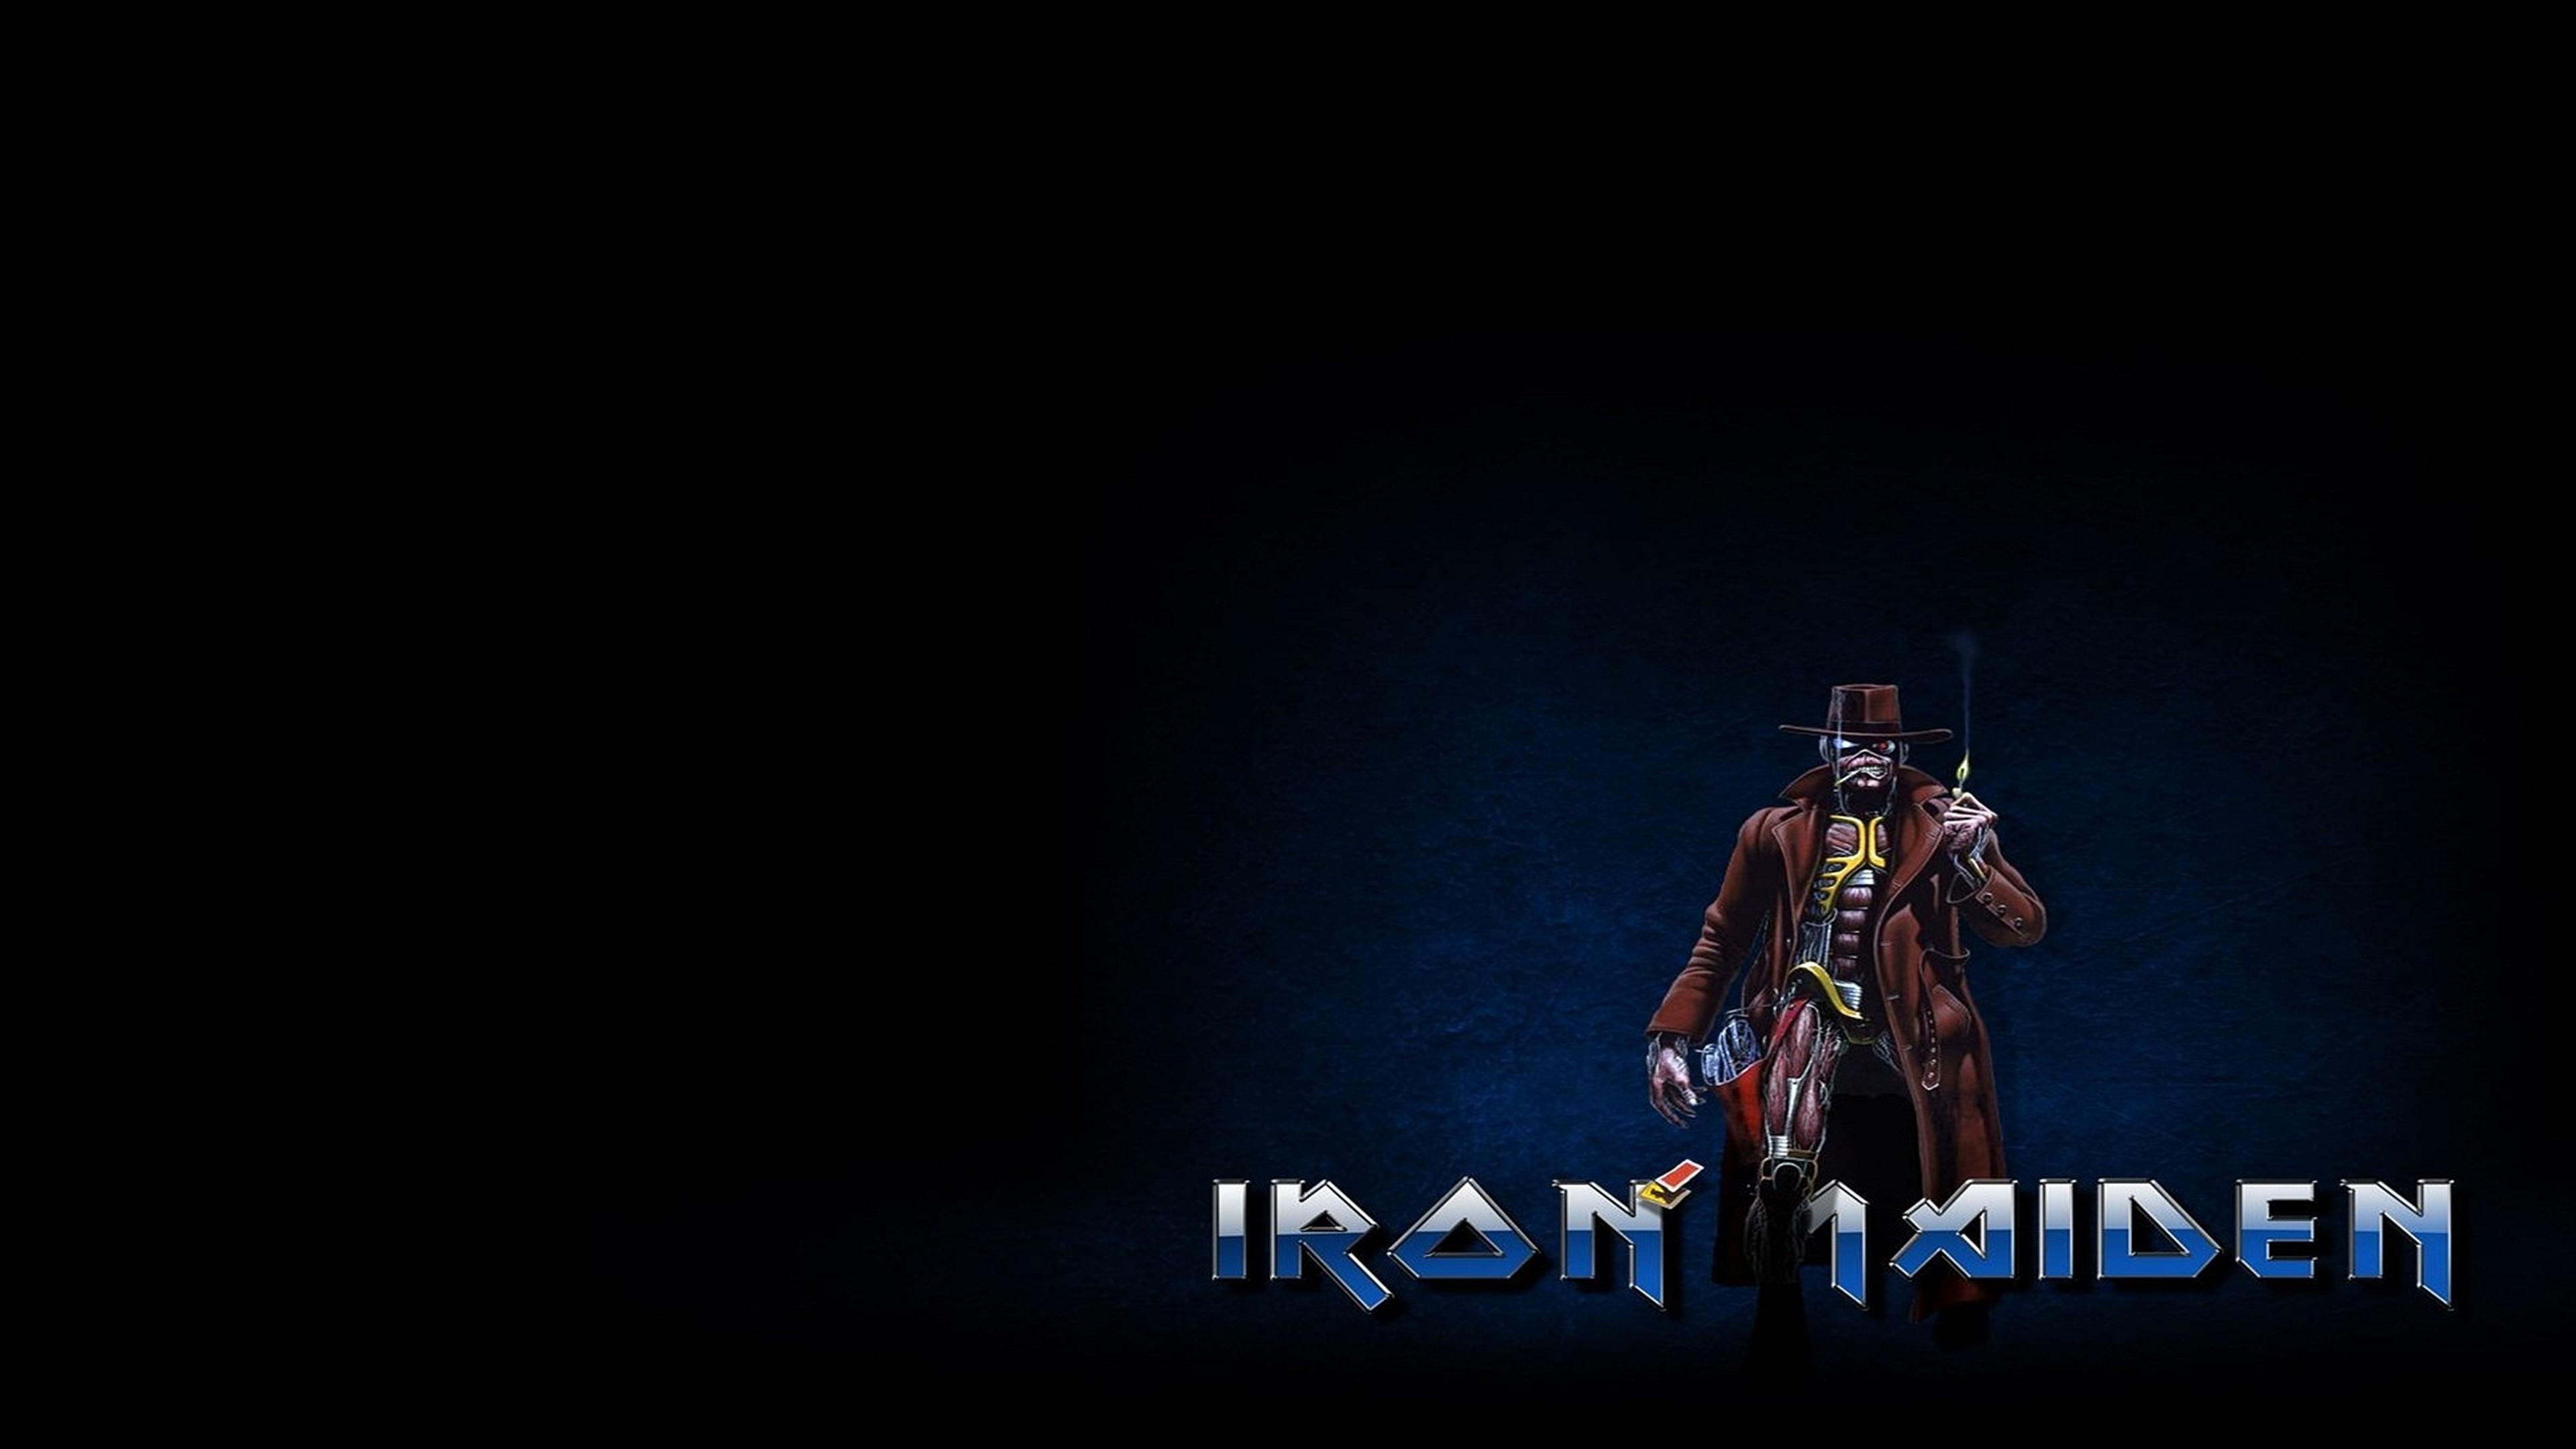 iron maiden Wallpaper Background